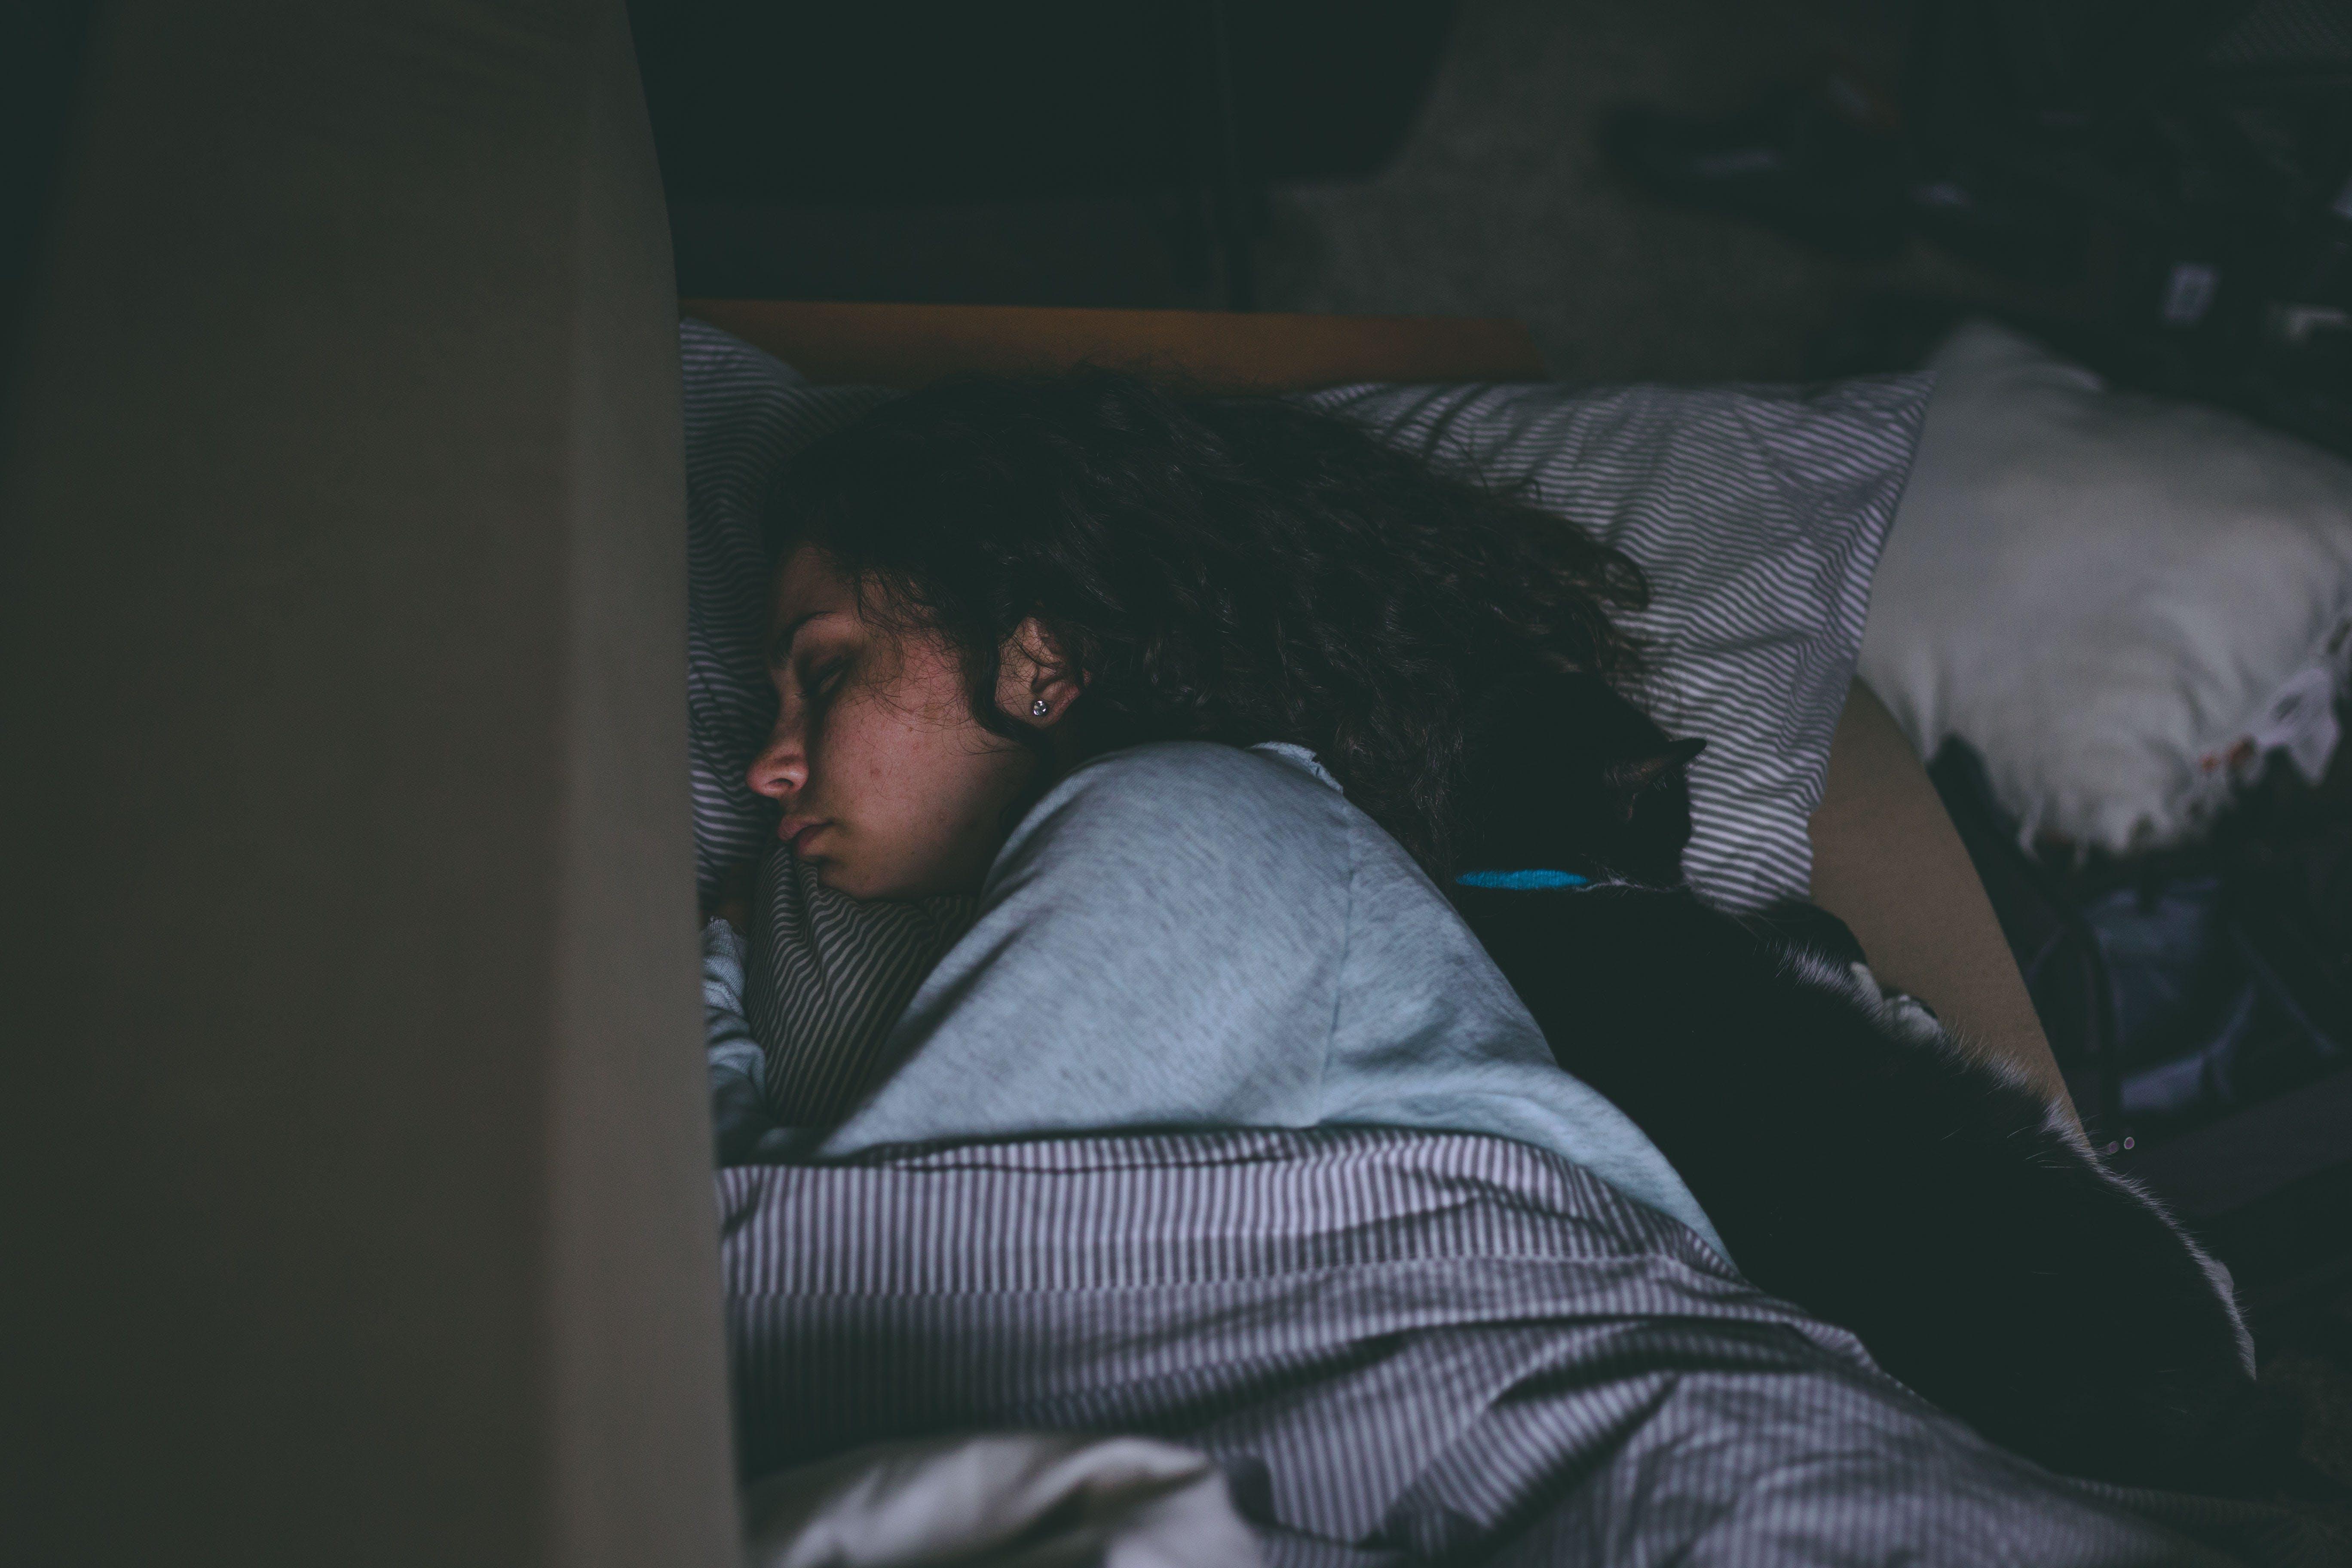 고양이, 반려동물, 사람, 수면의 무료 스톡 사진